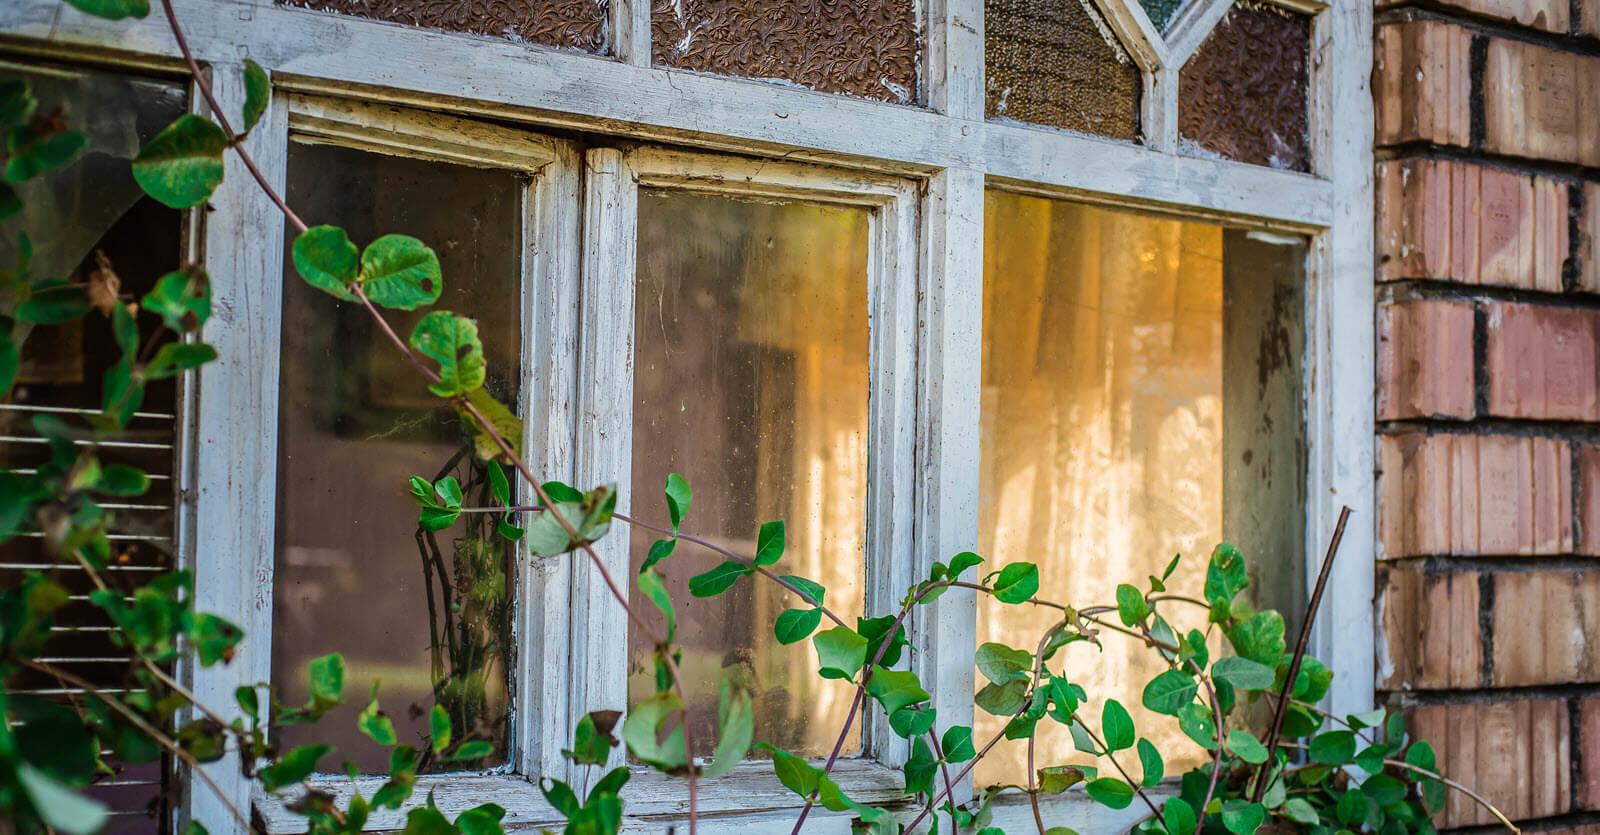 Full Size of 4b Wann Sind Fenster Alt Braun Erneuern Neue Kosten Einbruchschutz Nachrüsten Austauschen Velux Einbauen Auto Folie Jalousien Innen Sonnenschutzfolie Preise Fenster Fenster Austauschen